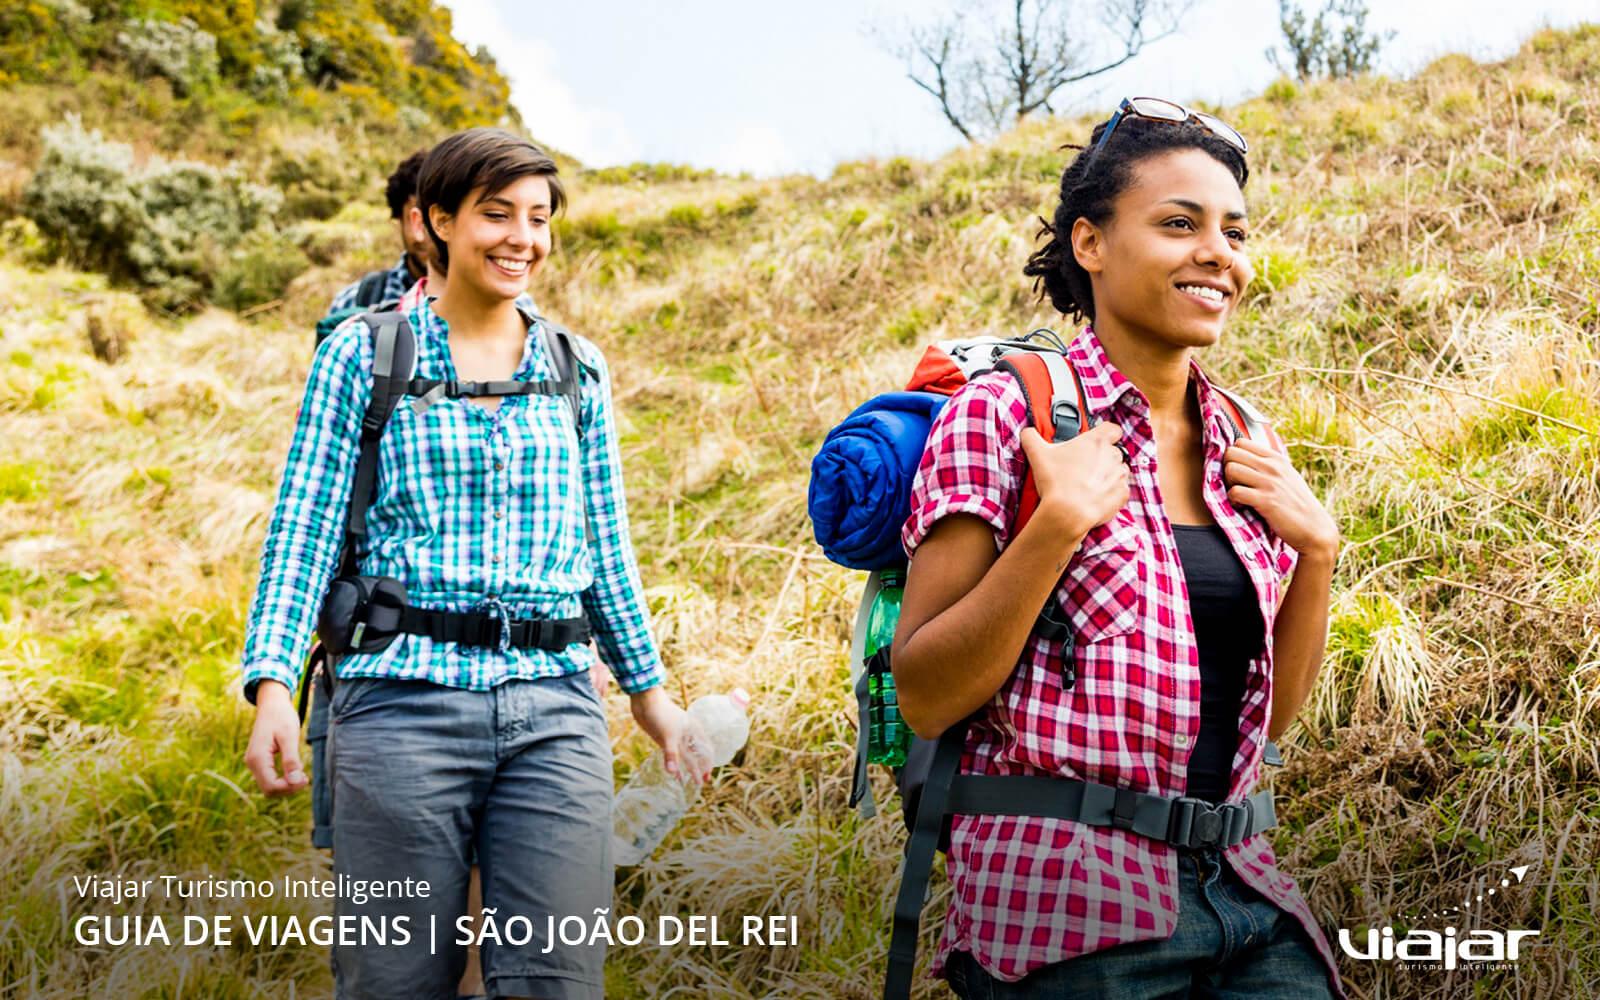 viajar-turismo-inteligente-guia-viagens-sao-joao-del-rei-minas-gerais-05